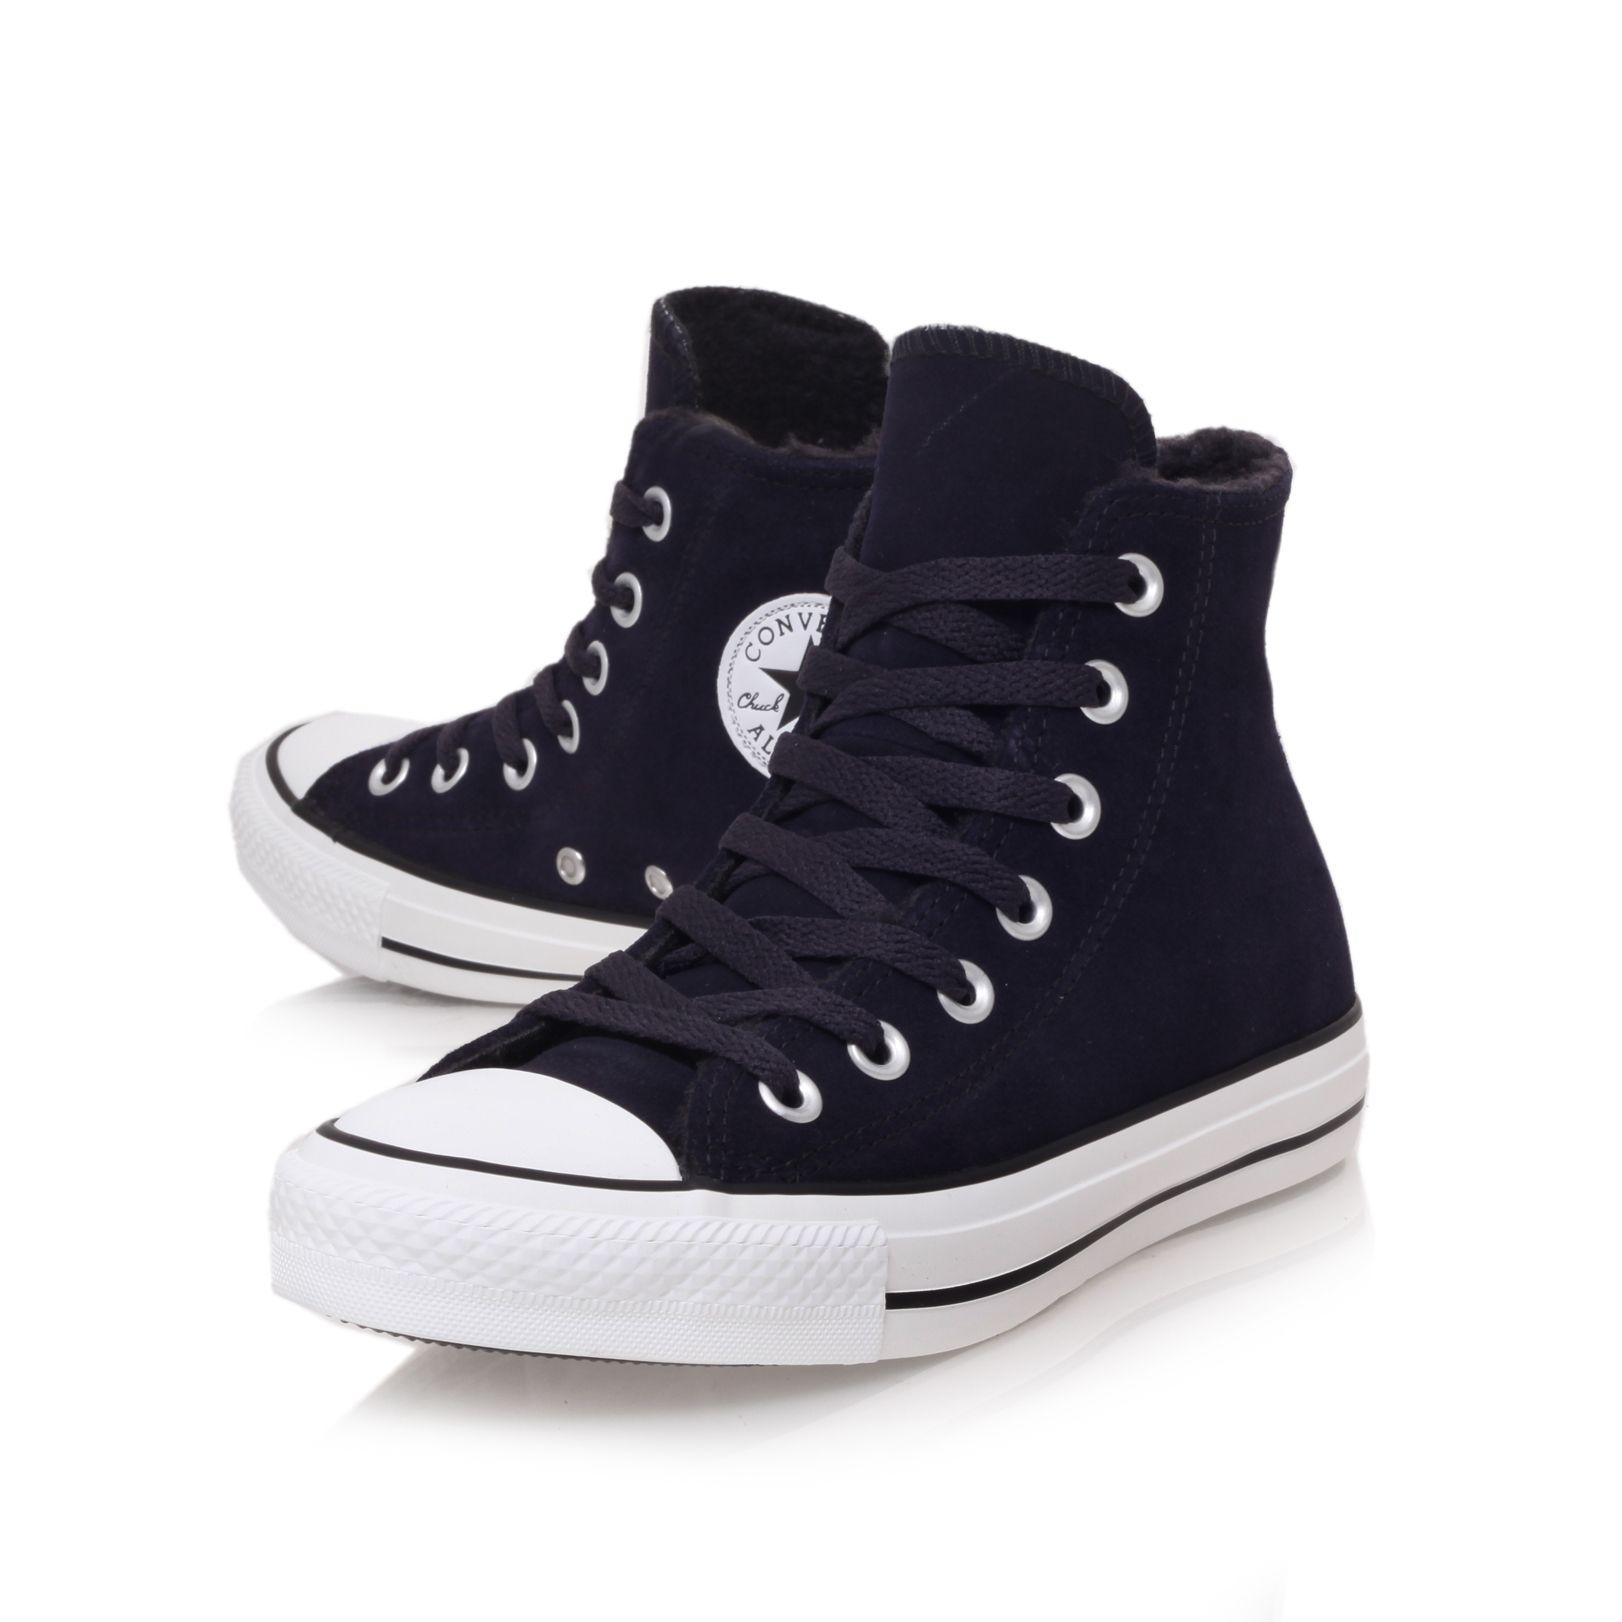 5470a889226 ... free shipping black converse white laces c38c8 d8de2